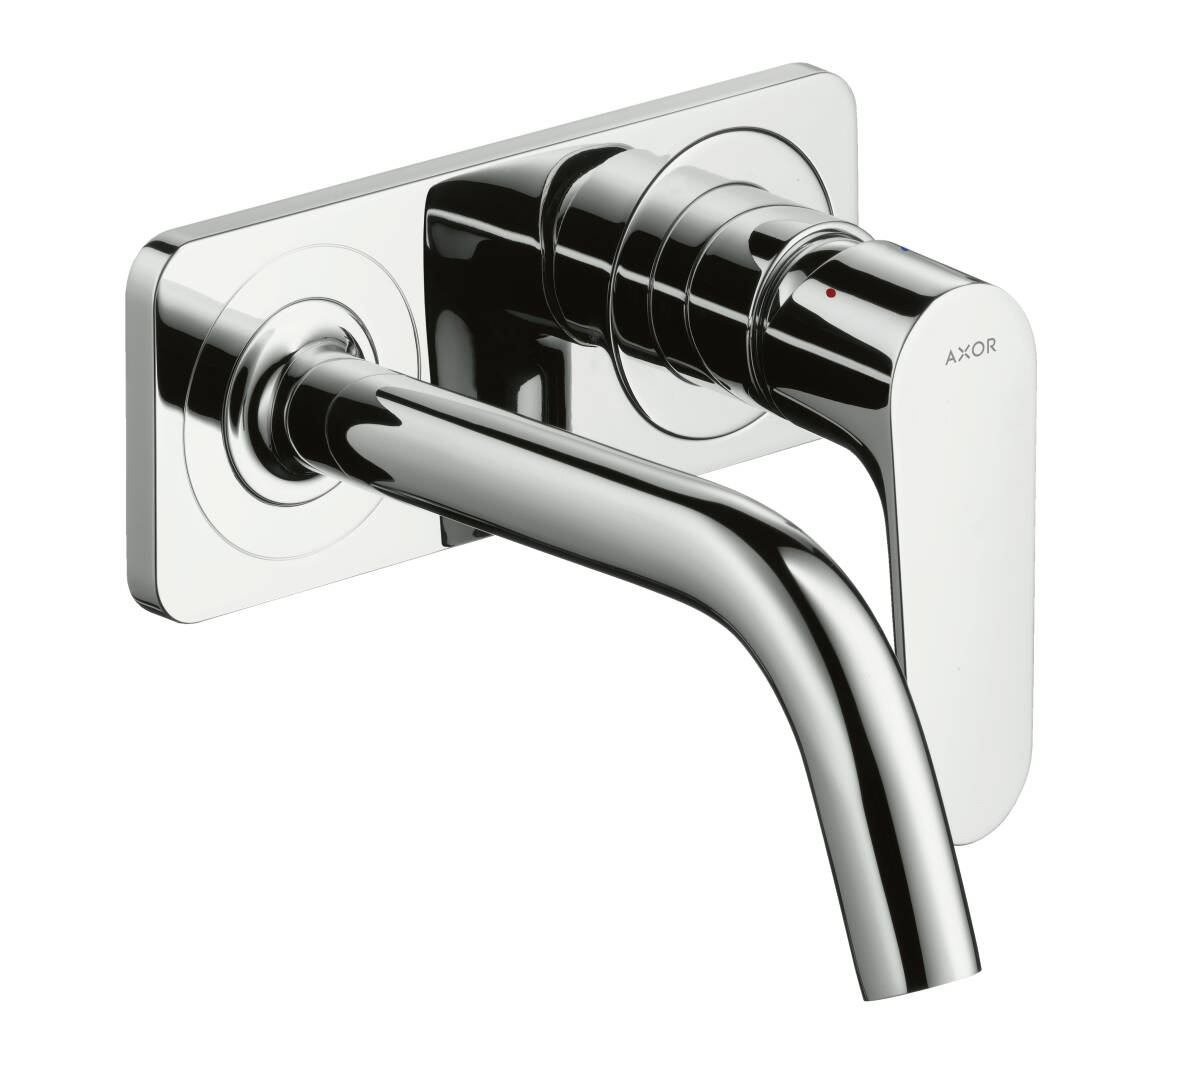 Mezclador monomando de lavabo empotrado con caño 167 mm y placa, bronce pulido, 34112130